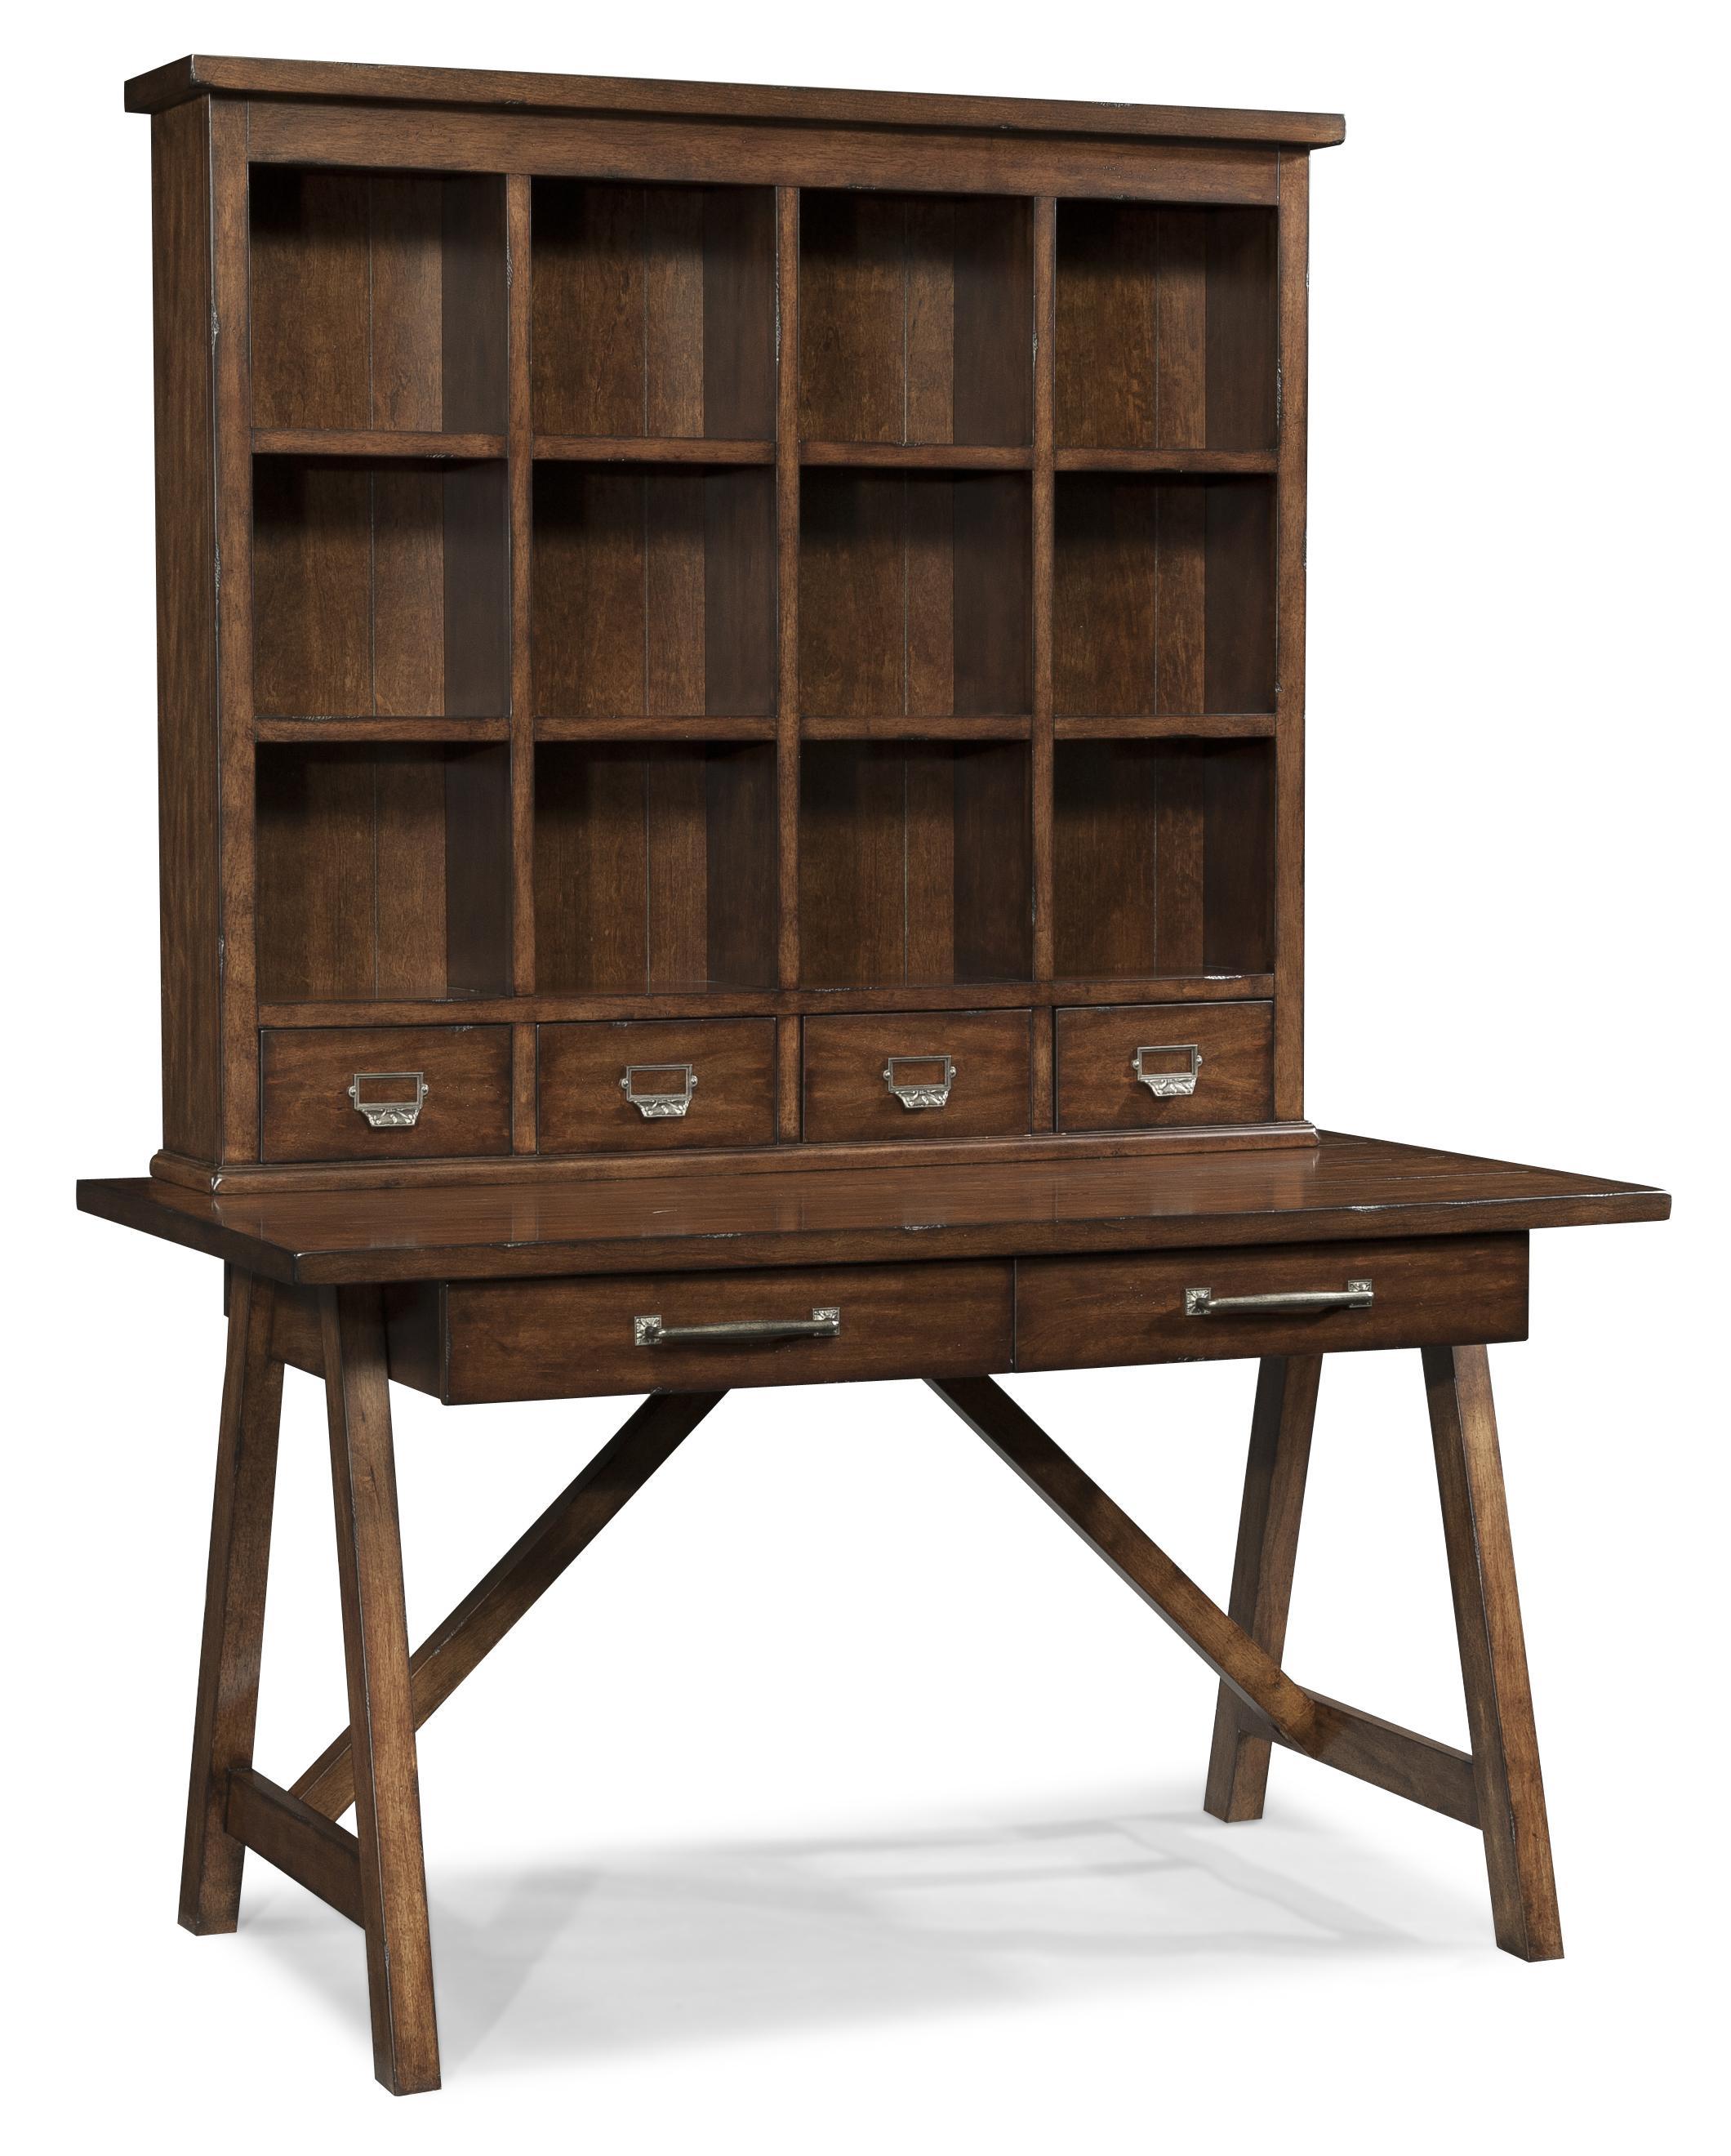 Carolina Preserves By Klaussner Blue Ridge Desk And Hutch   Hudsonu0027s  Furniture   Desk U0026 Hutch